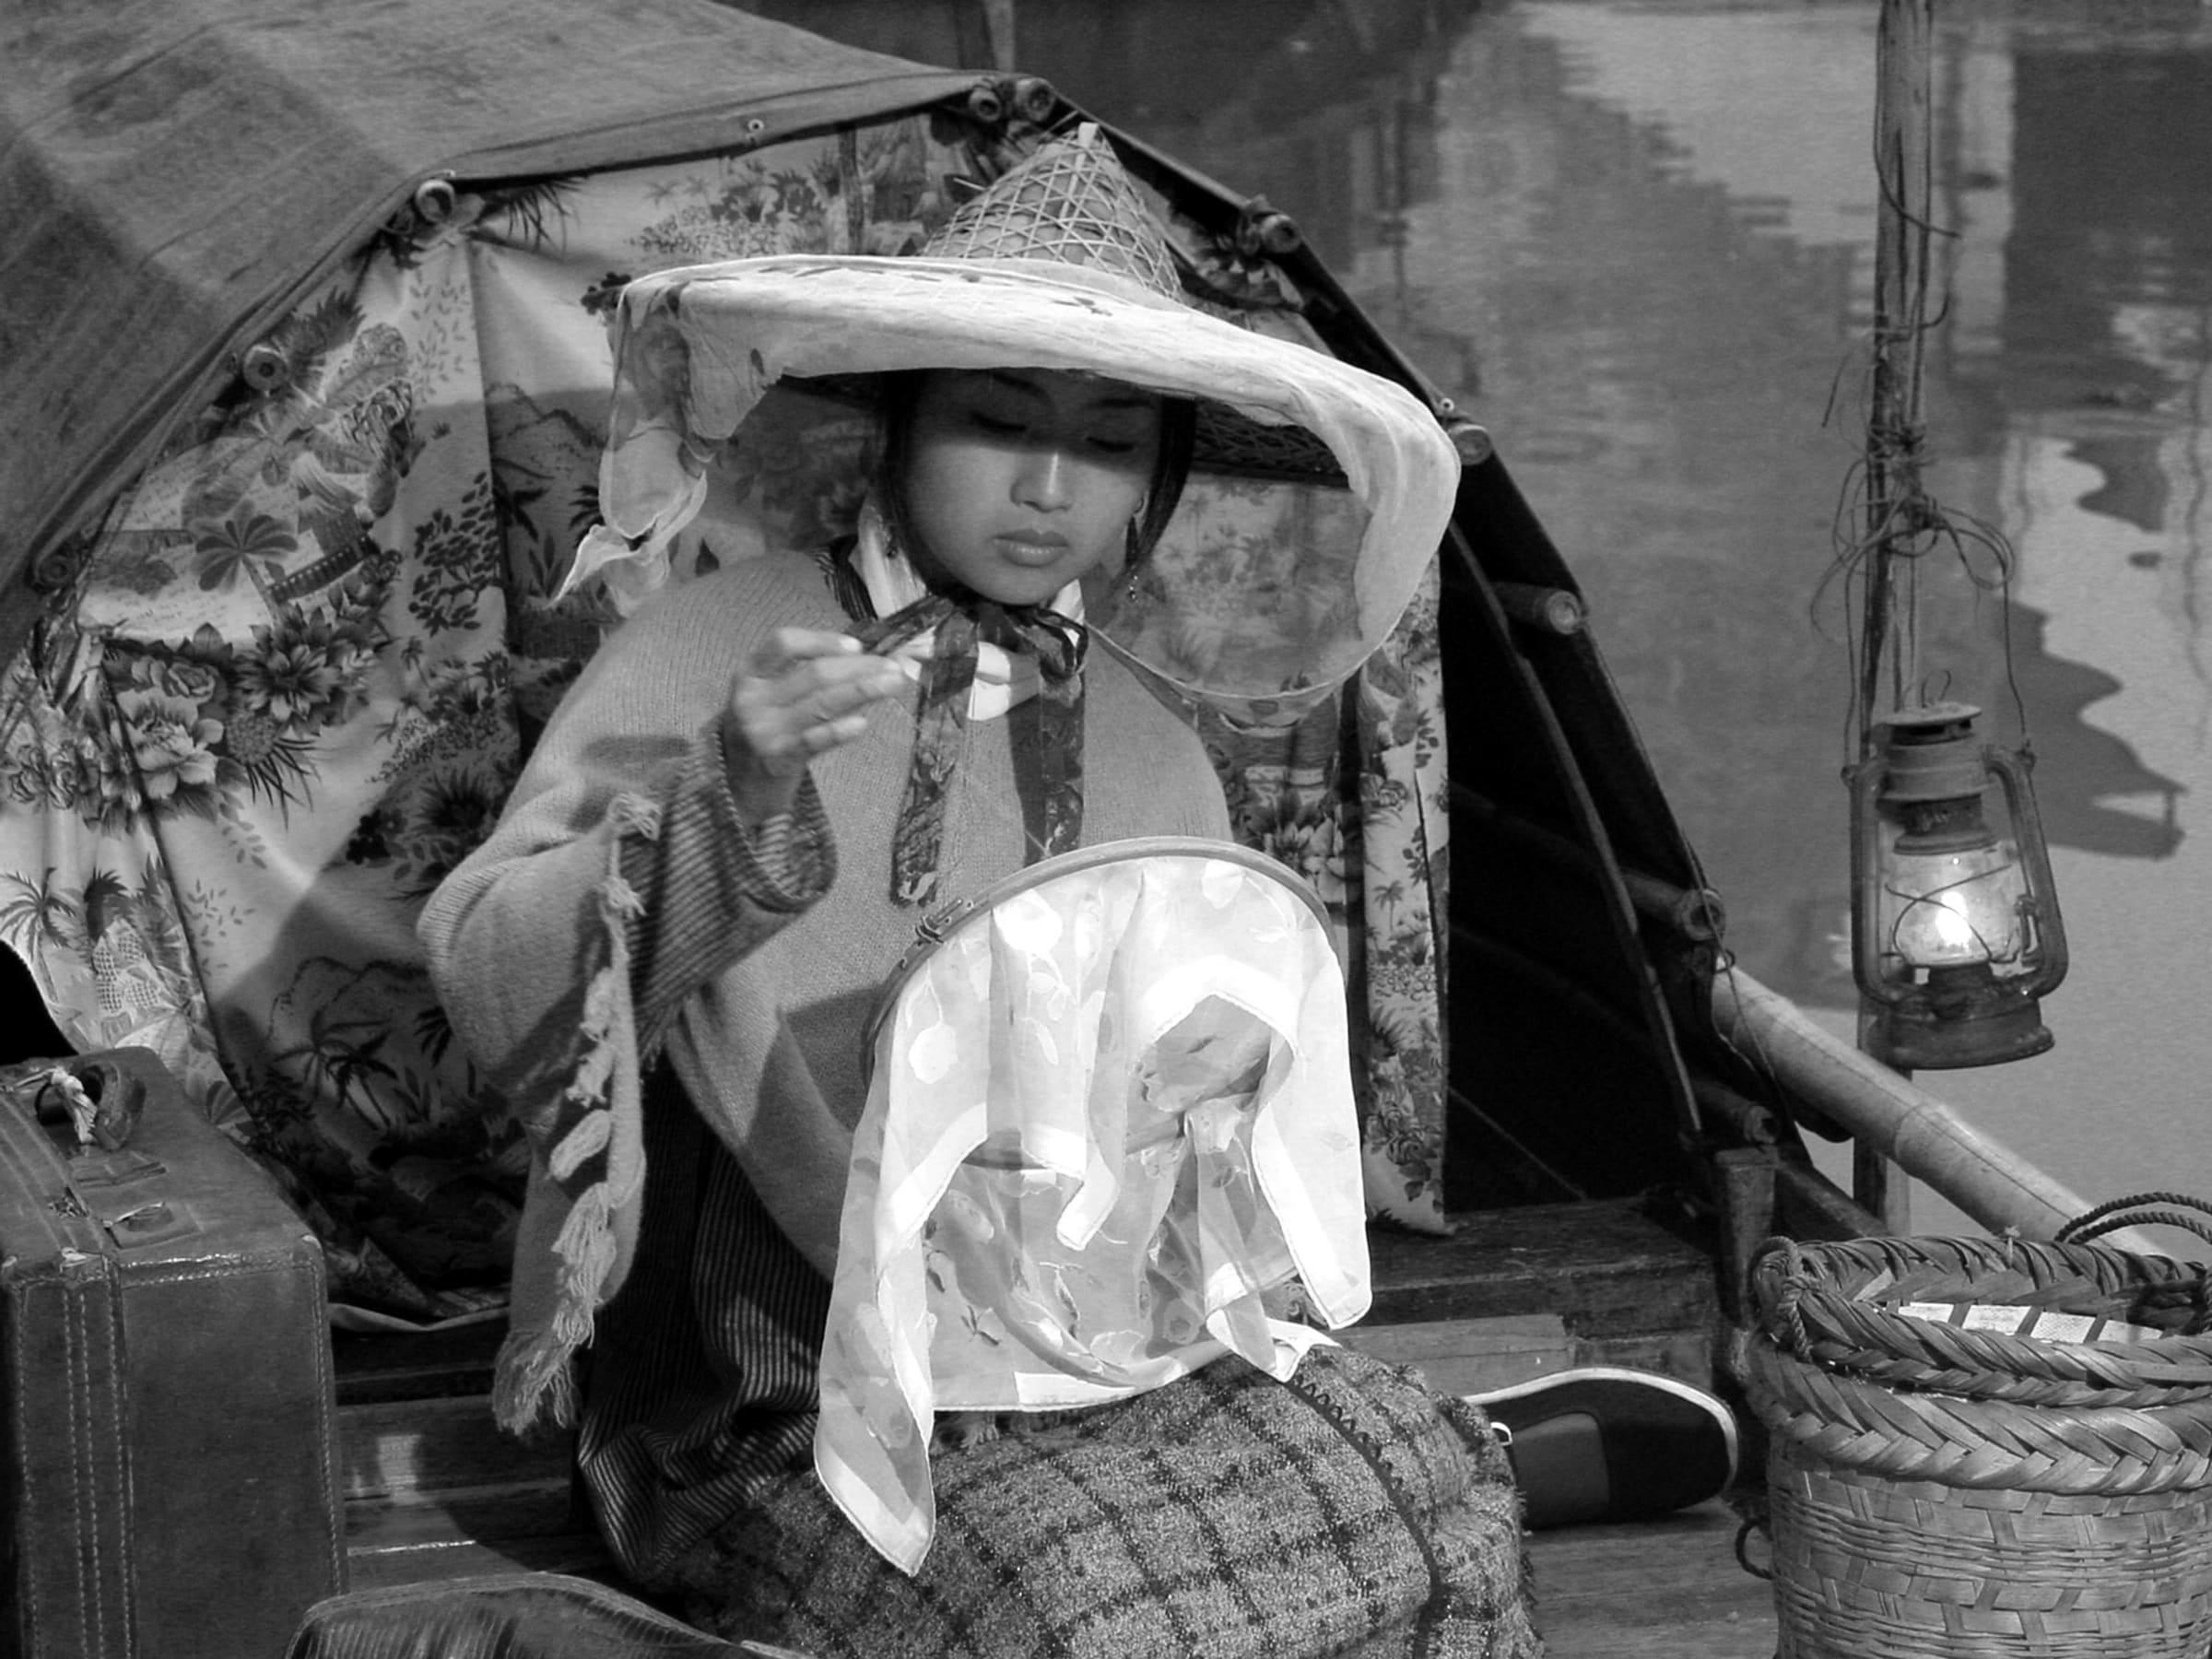 Yang Fudong, Liu Lan, 2003